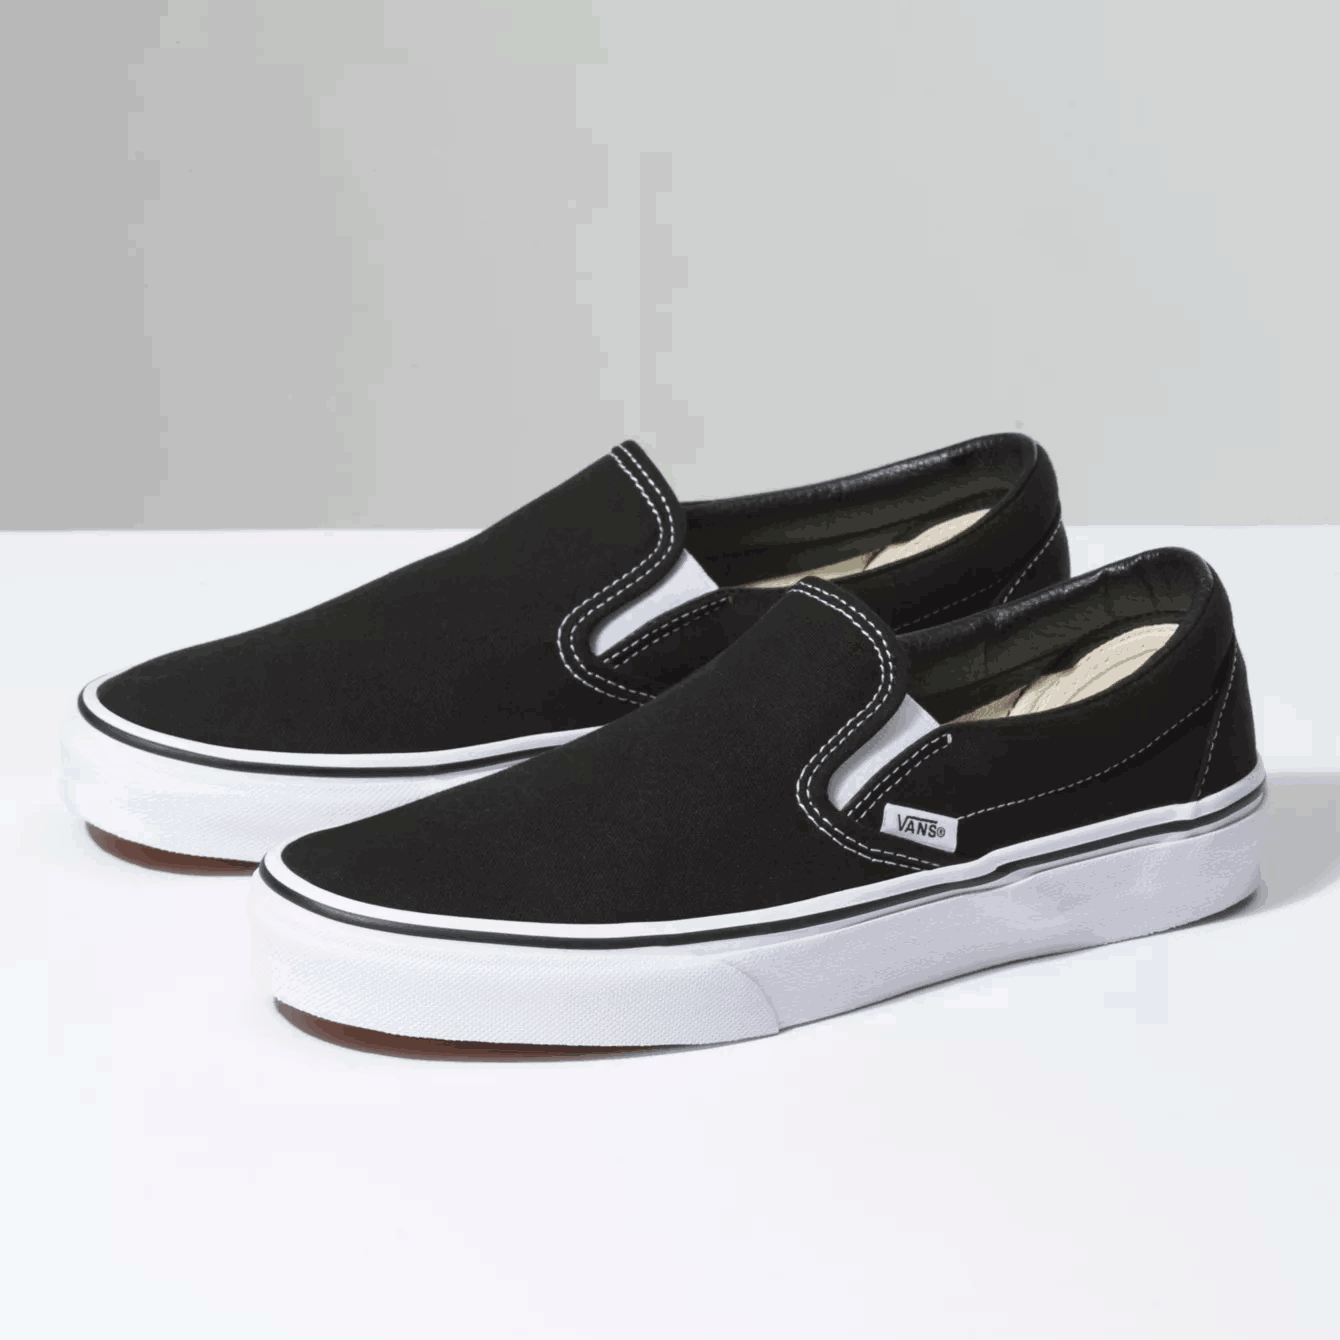 Jenis Sepatu Vans Slip-on sepatu vans - 16 Jenis Sepatu Vans Terbaik yang Wajib Kamu Ketahui